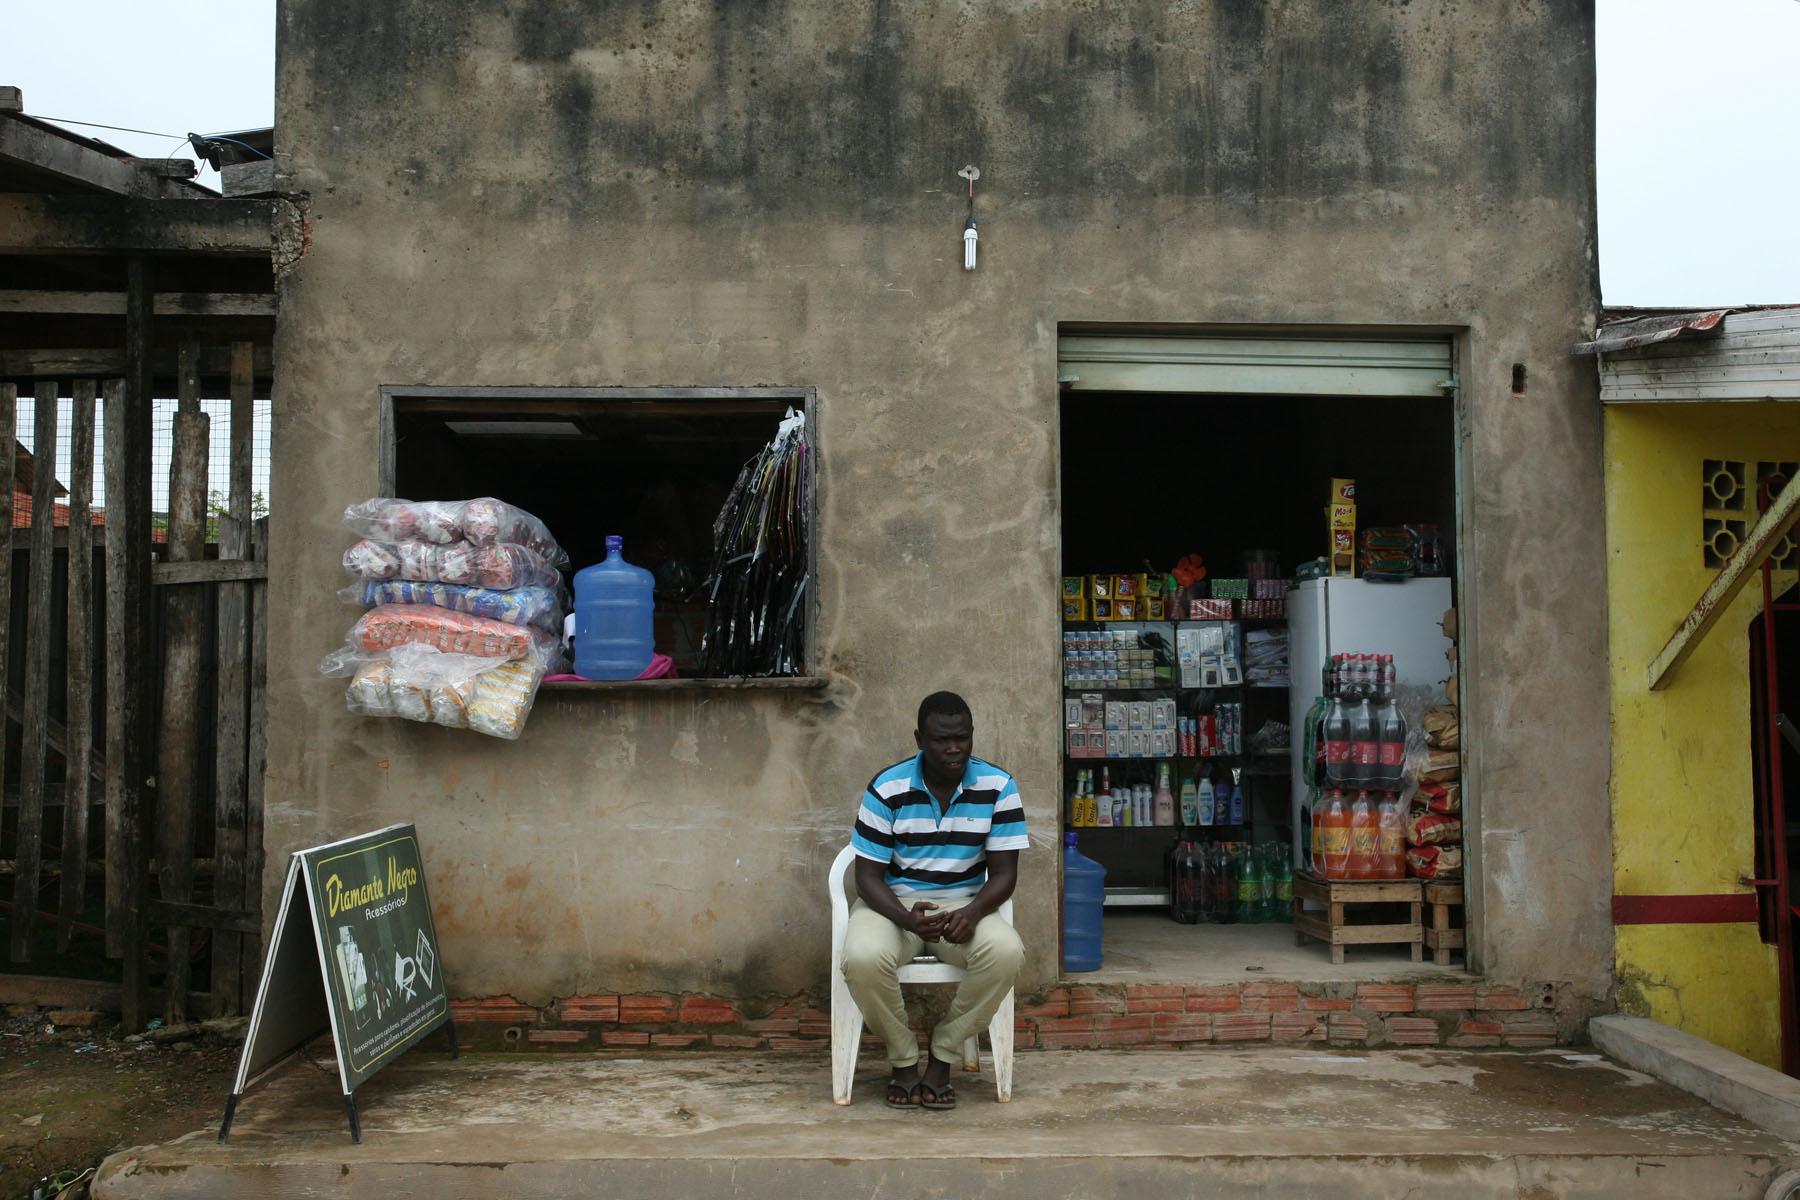 Migrante cidadão: senegalês transforma a casa em abrigo humanitário no Acre